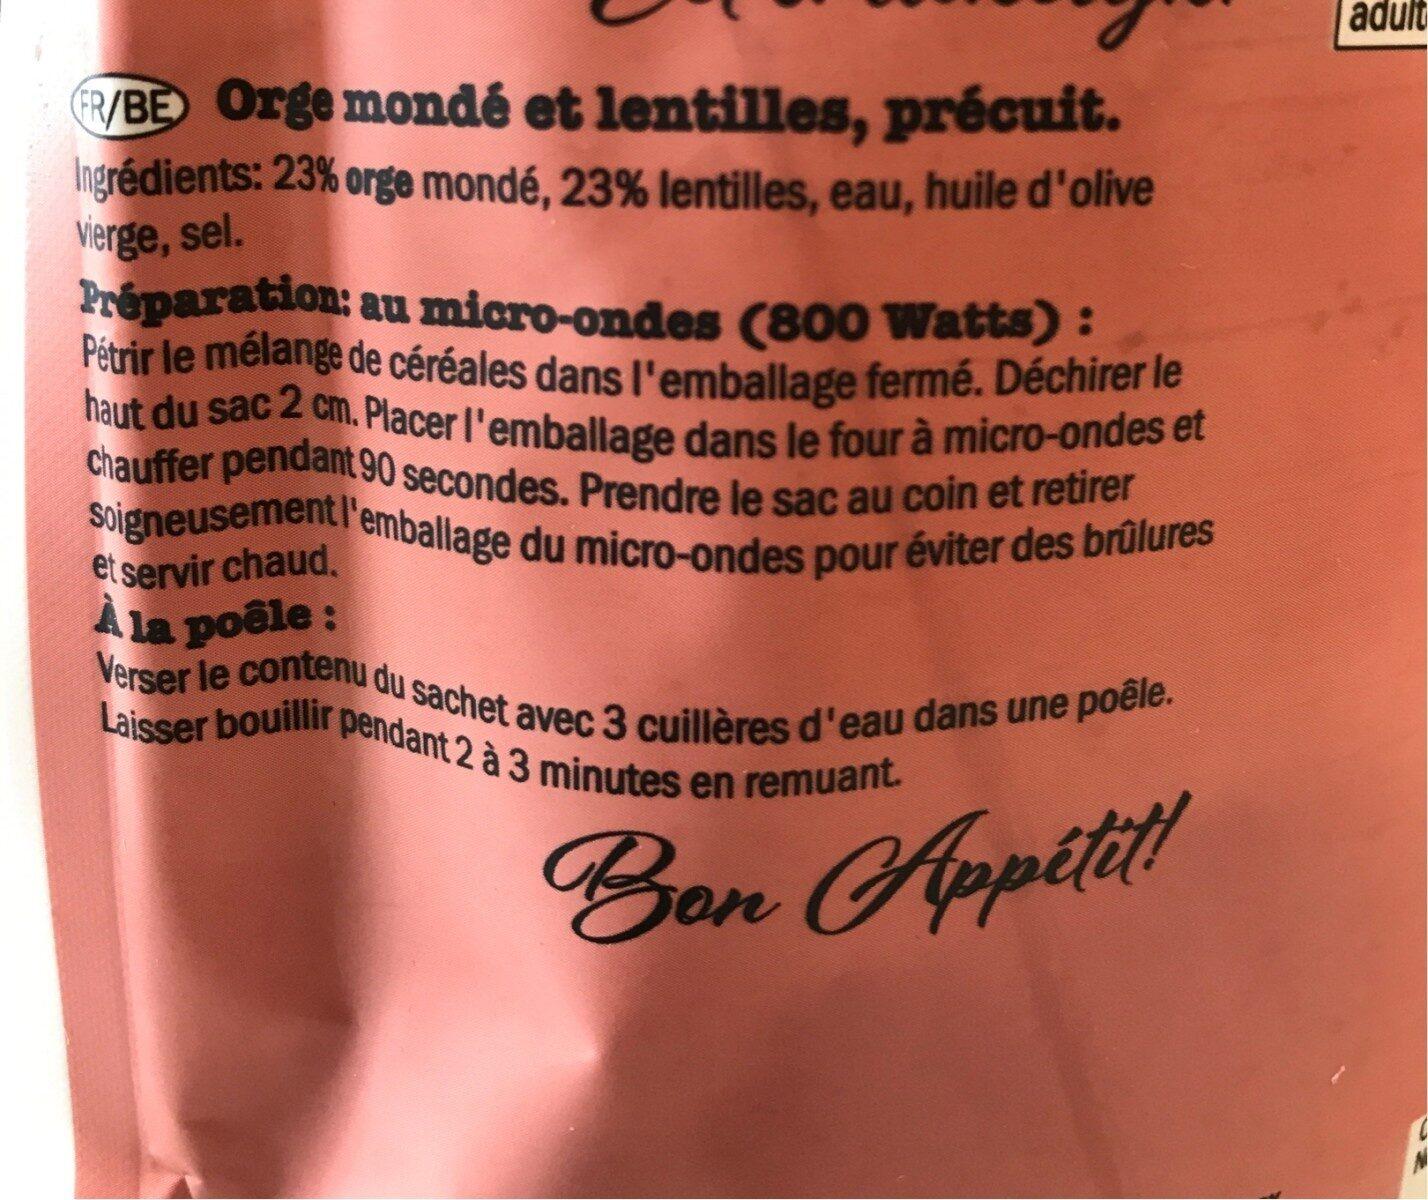 Orge mondé et lentilles - Ingredienti - fr